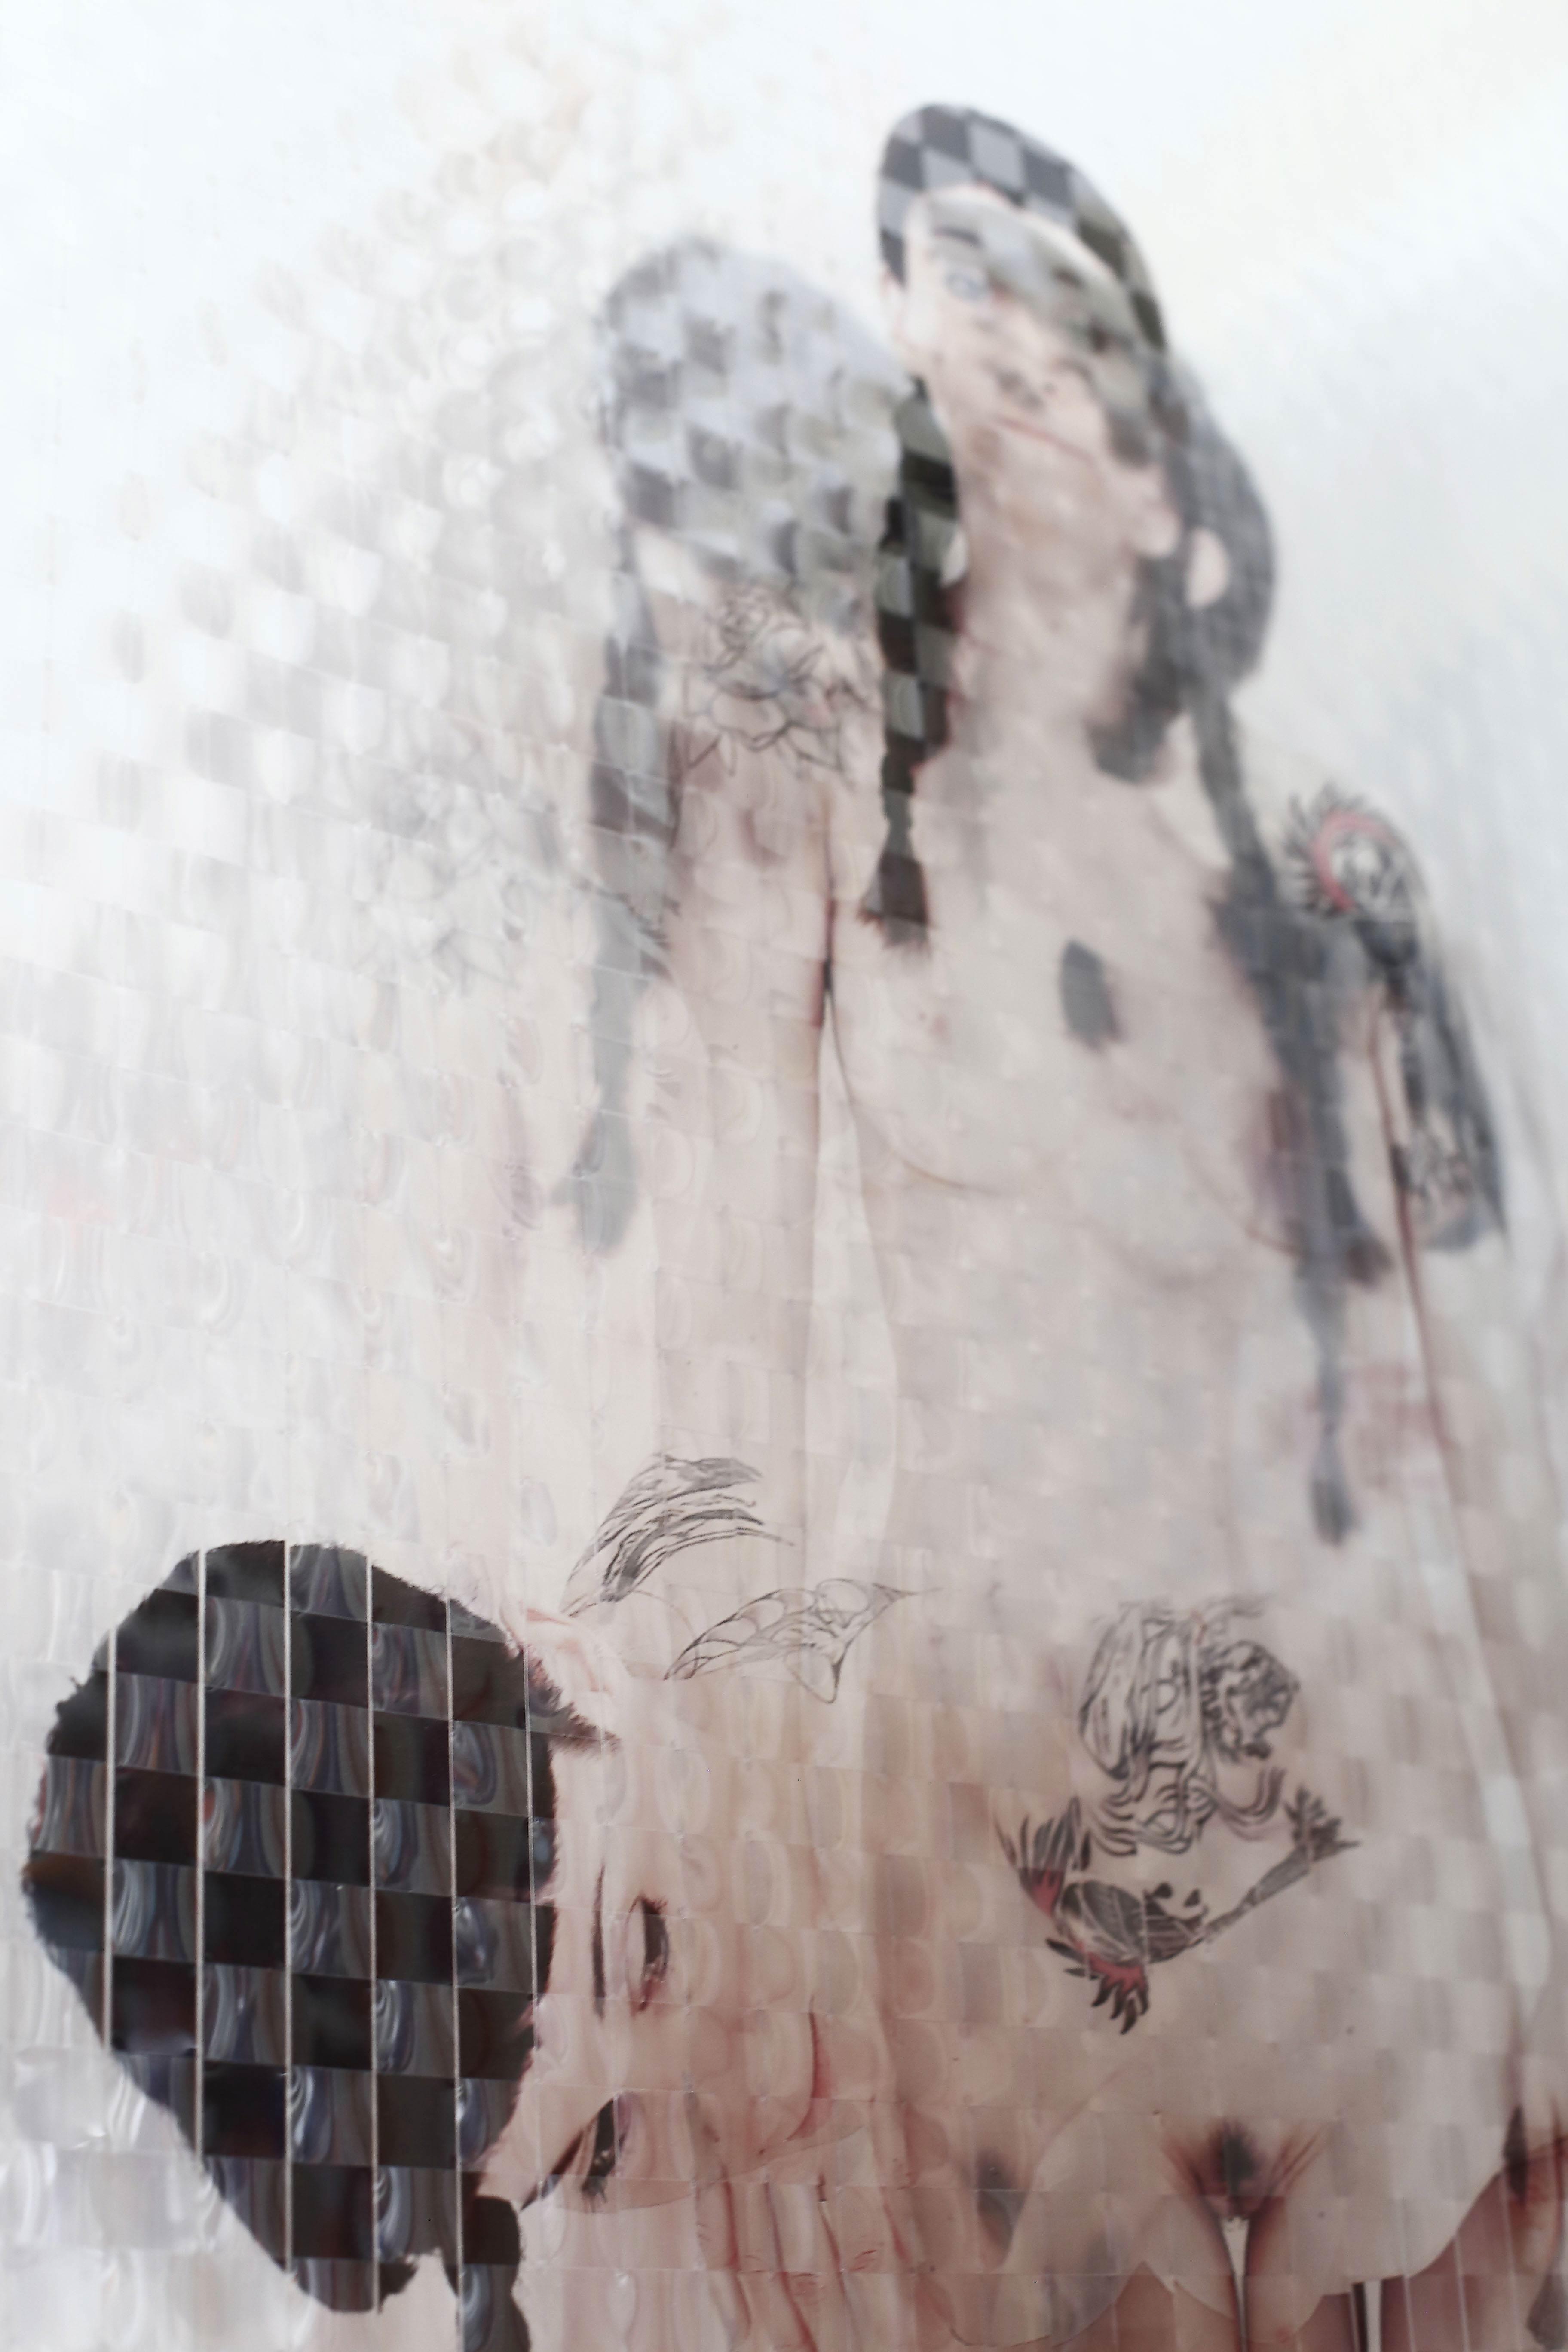 Gigi Piana, Free still - Olga 1, 2017, Intreccio di foto stampate su acetato trasparente, 190 cm (altezza) x 90cm